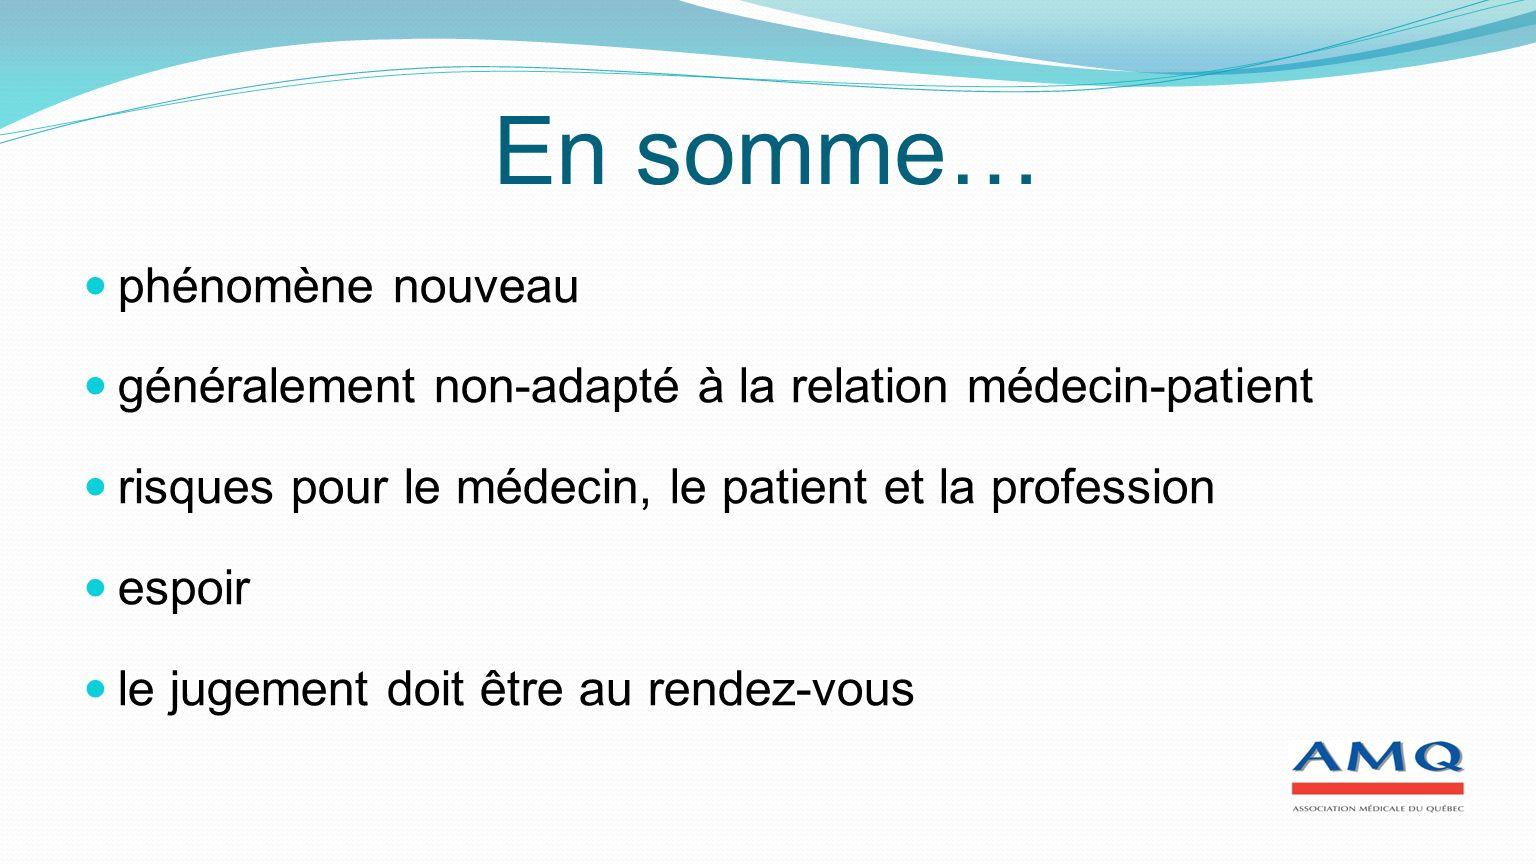 En somme… phénomène nouveau généralement non-adapté à la relation médecin-patient risques pour le médecin, le patient et la profession espoir le jugement doit être au rendez-vous